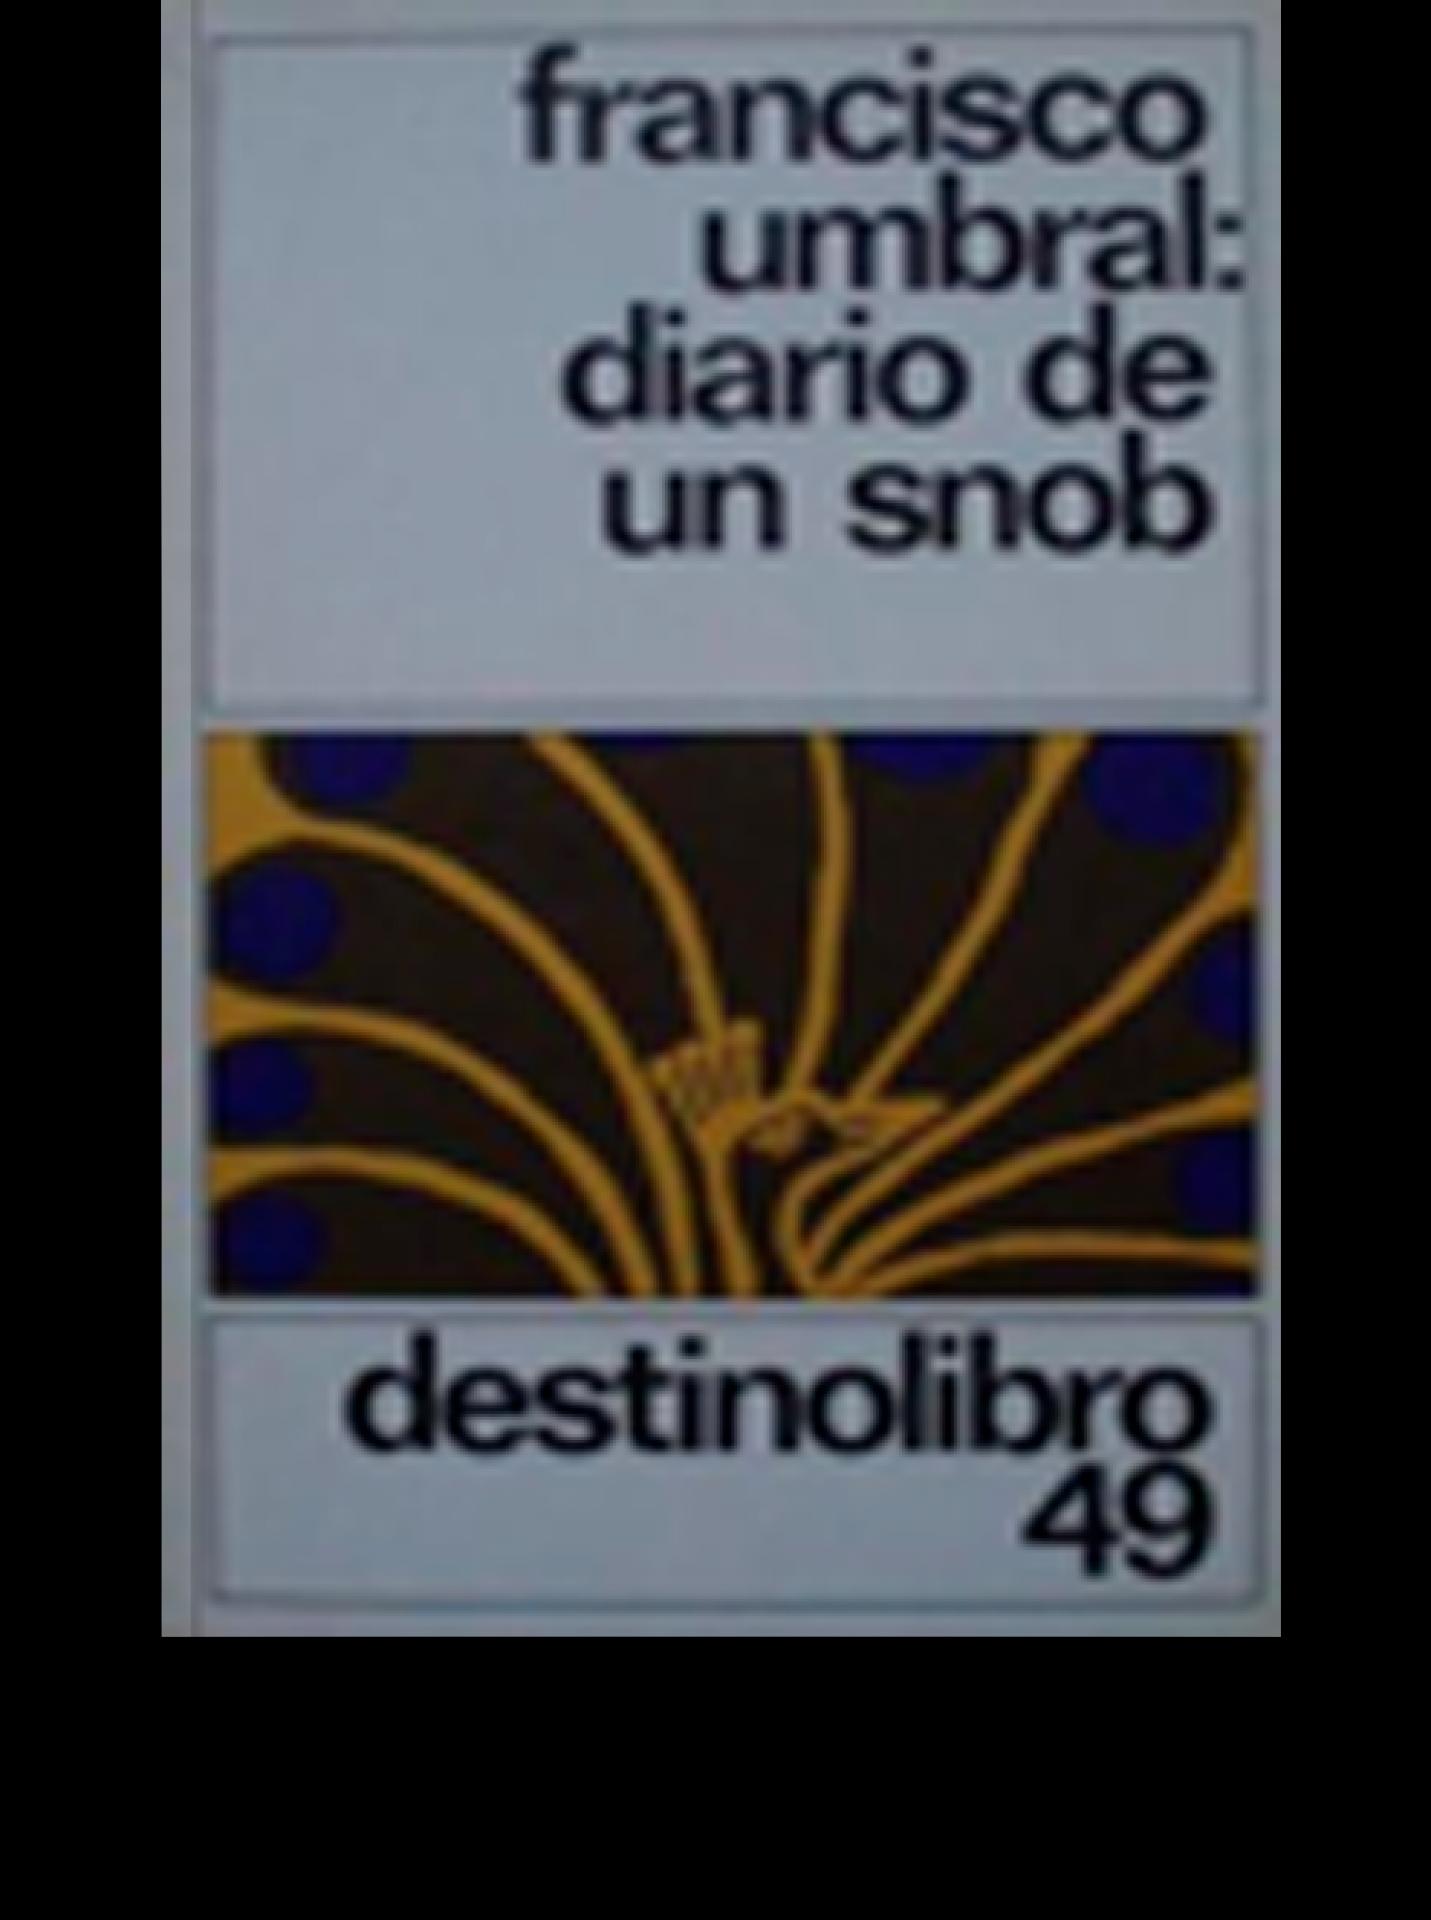 Diario de un snob